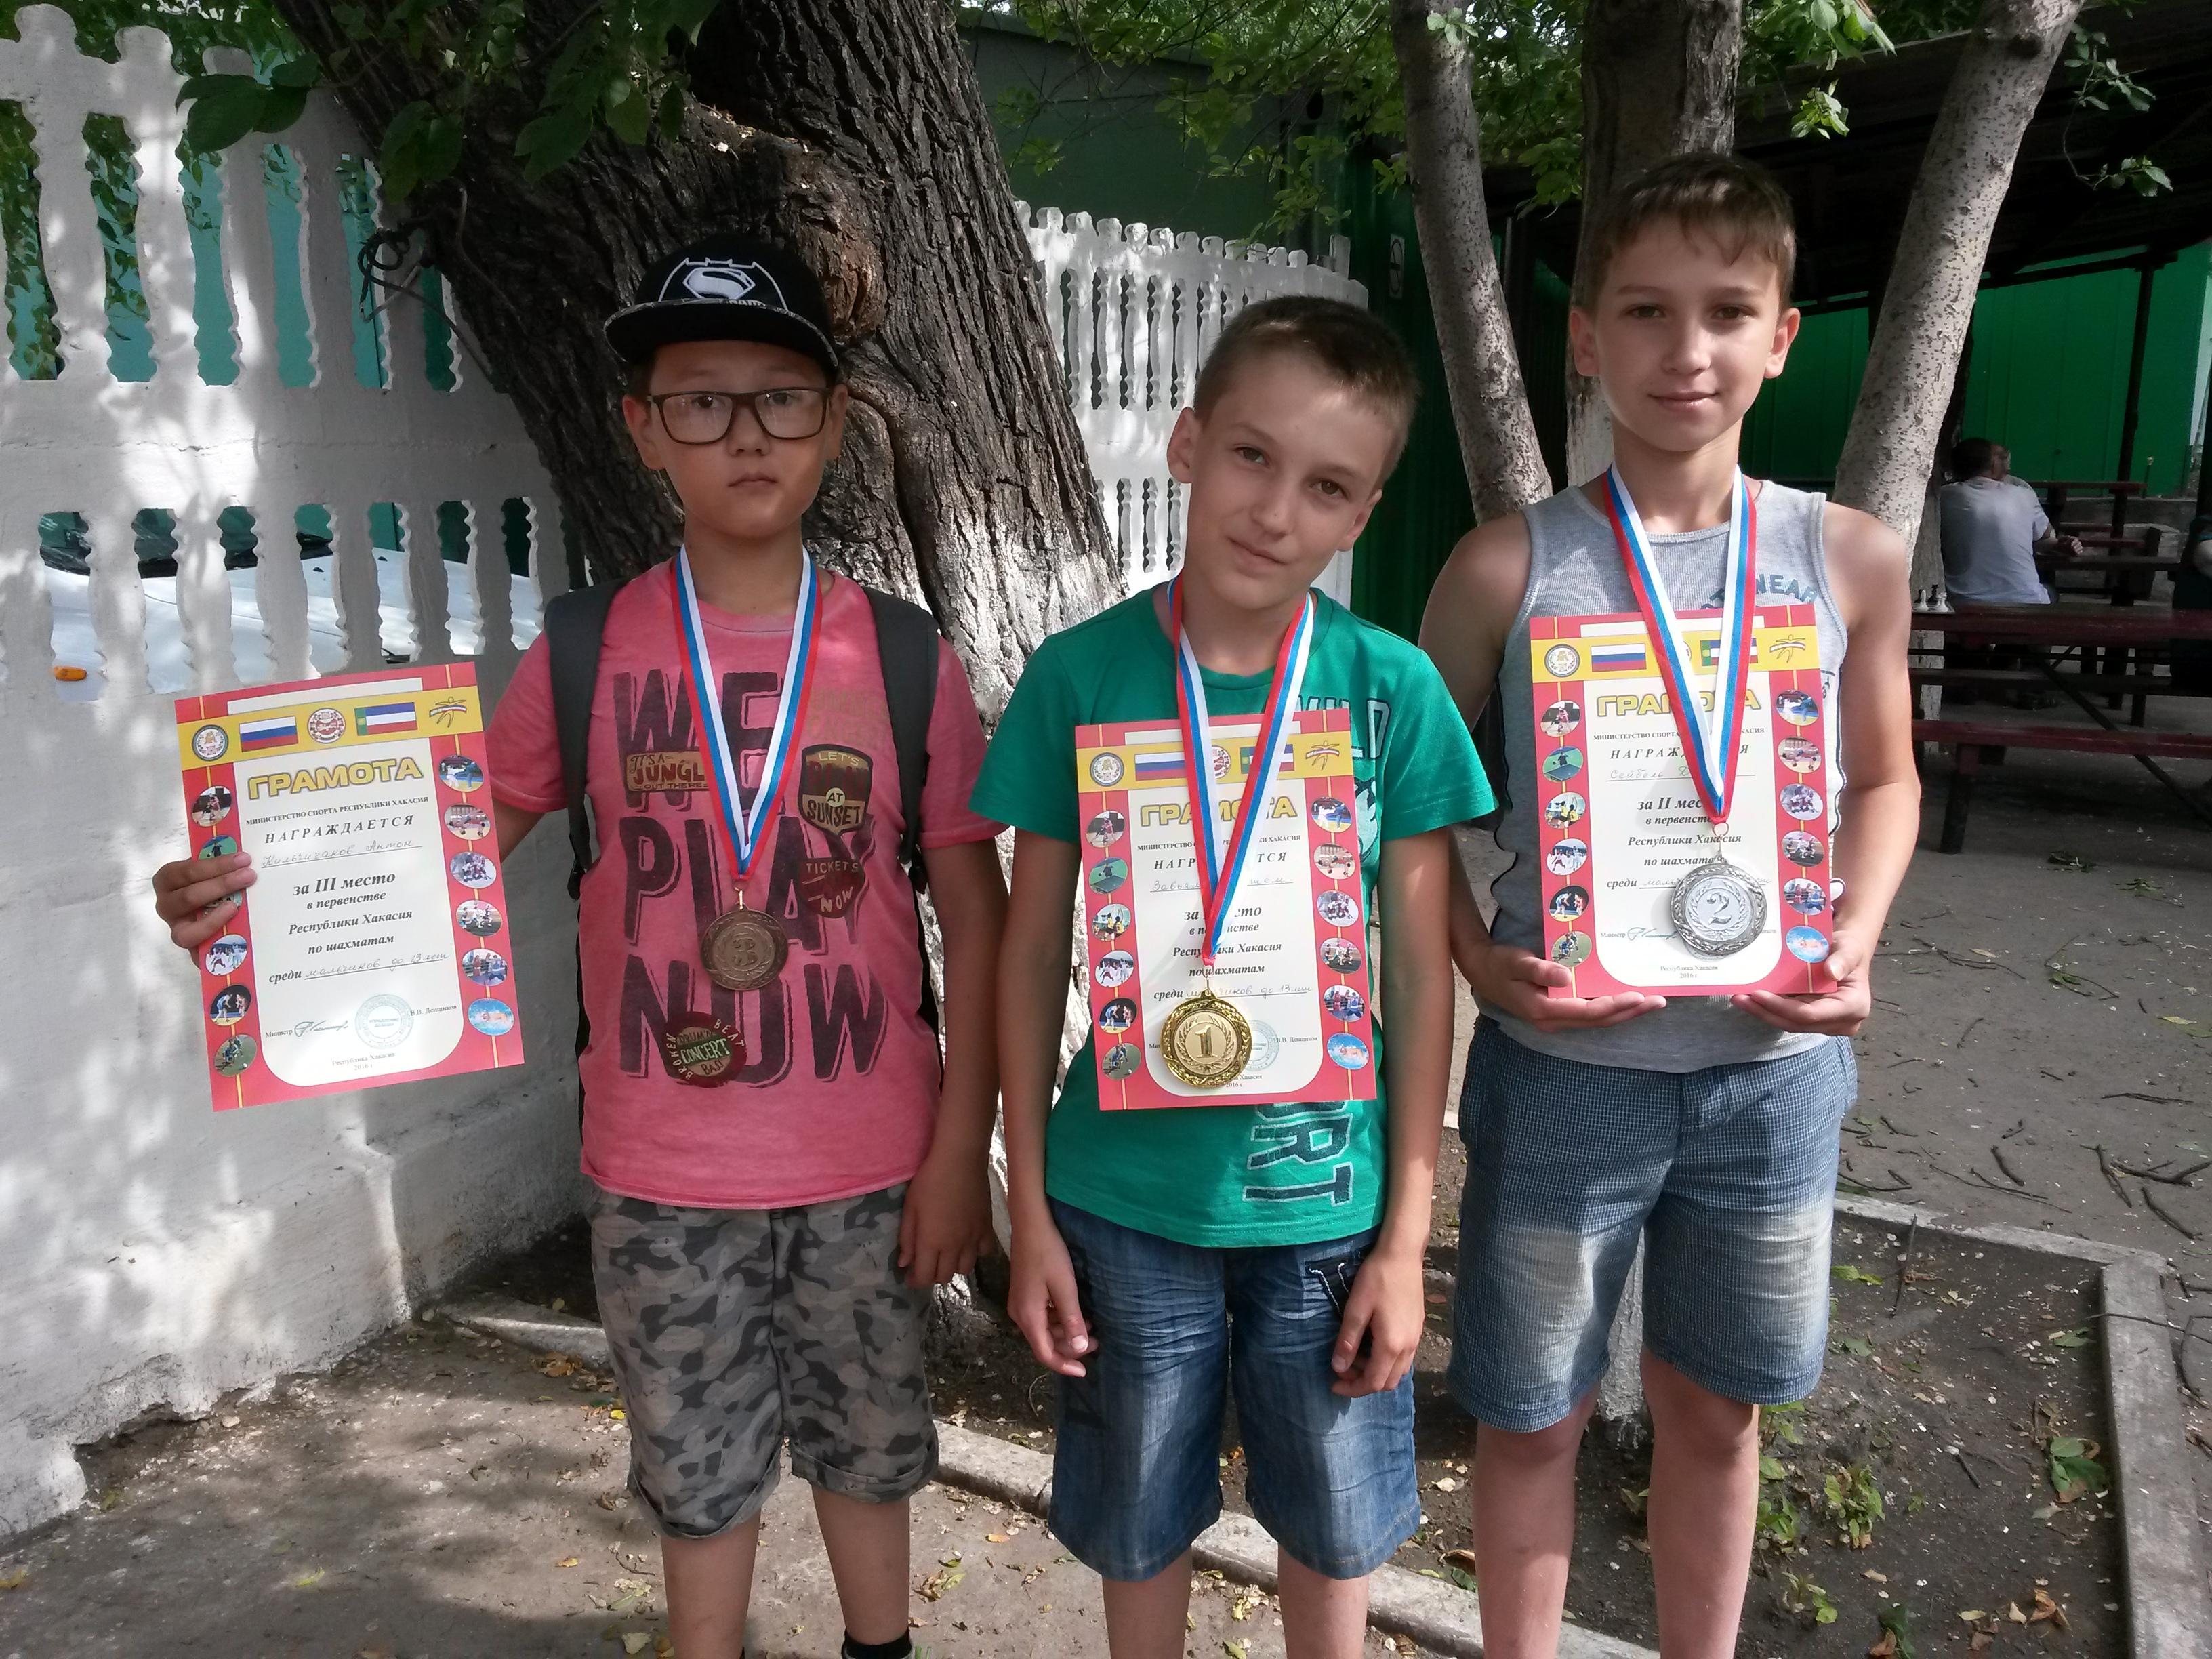 Мальчики не старше 12 лет. Слева направо:Антон Кильчичаков(3место),Артём Завьялов(чемпион),Данил Сейбель(2 место)